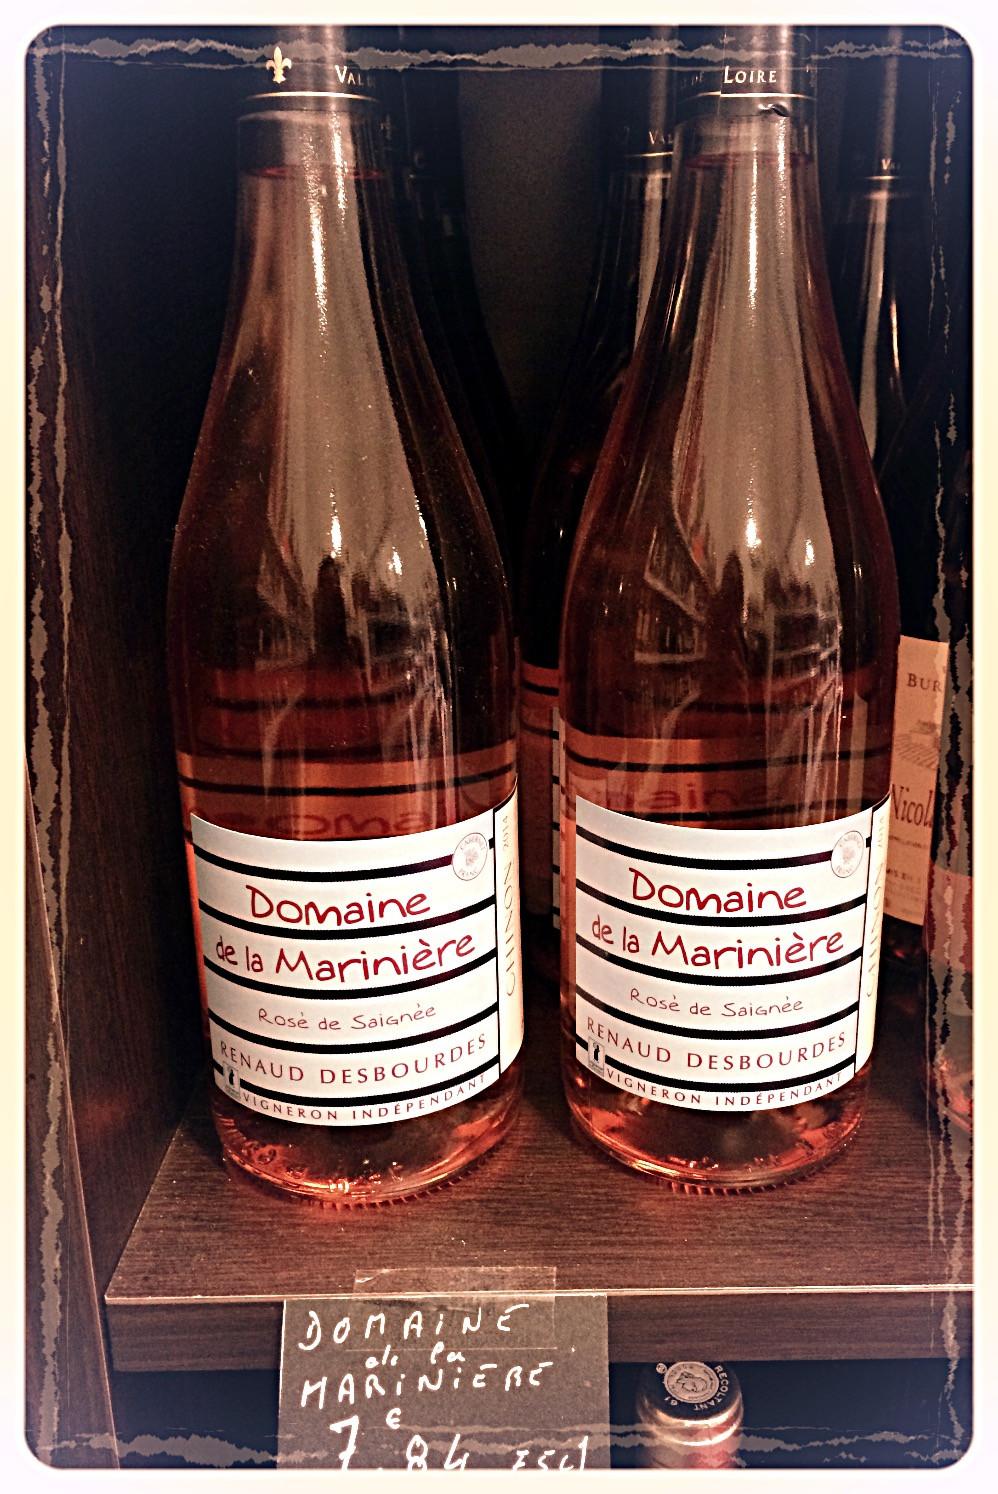 Rosé Domaine de la Marinière ©Clémentine Chauveau